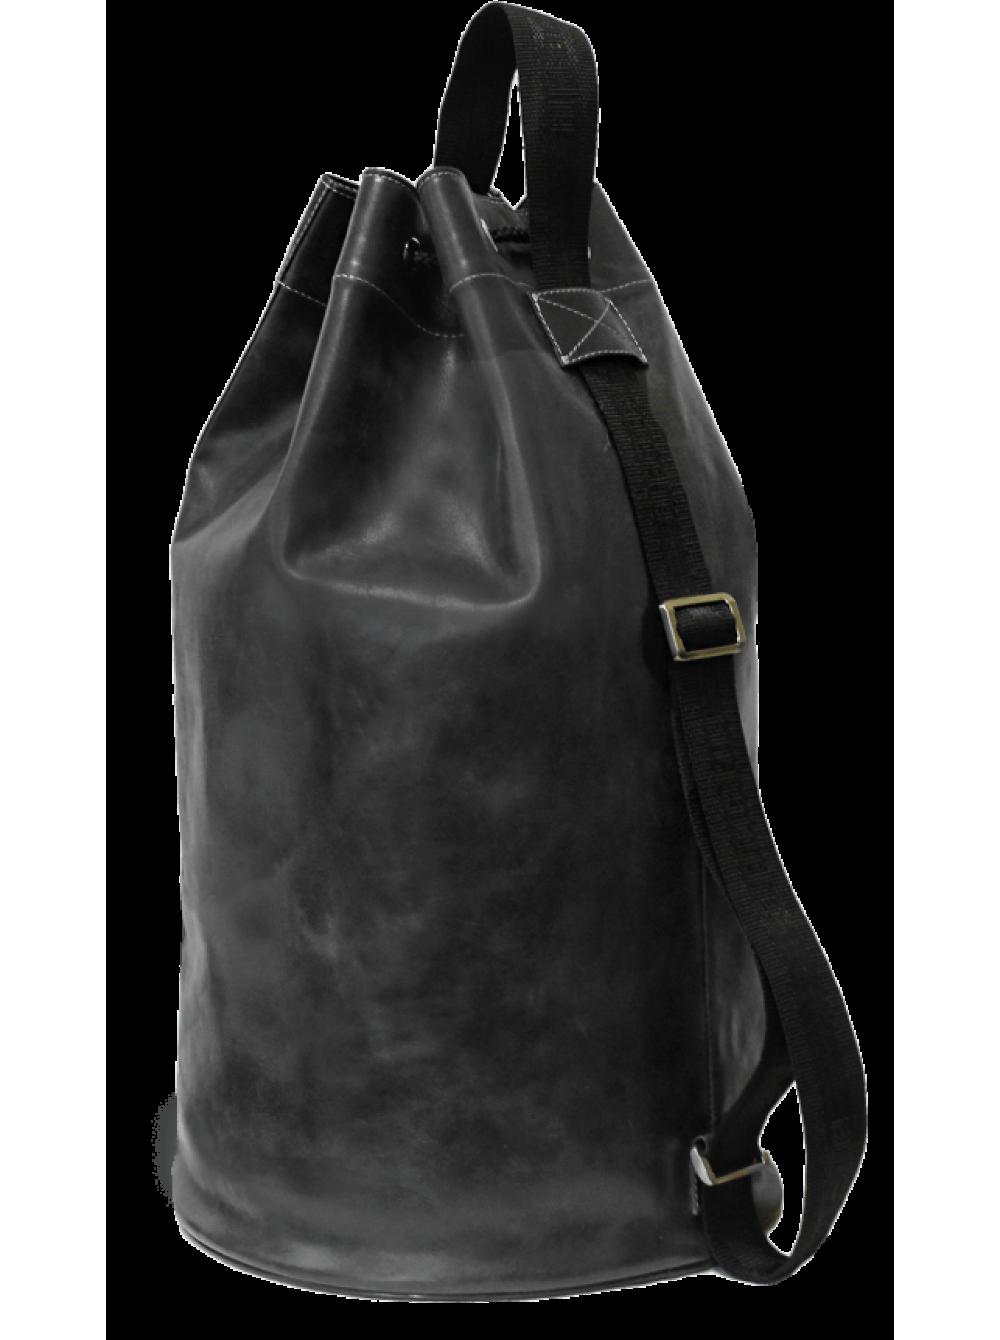 78093e323897 Сумка мешок кожаная C-9213-A дымчато-черного цвета Apache, купить в ...